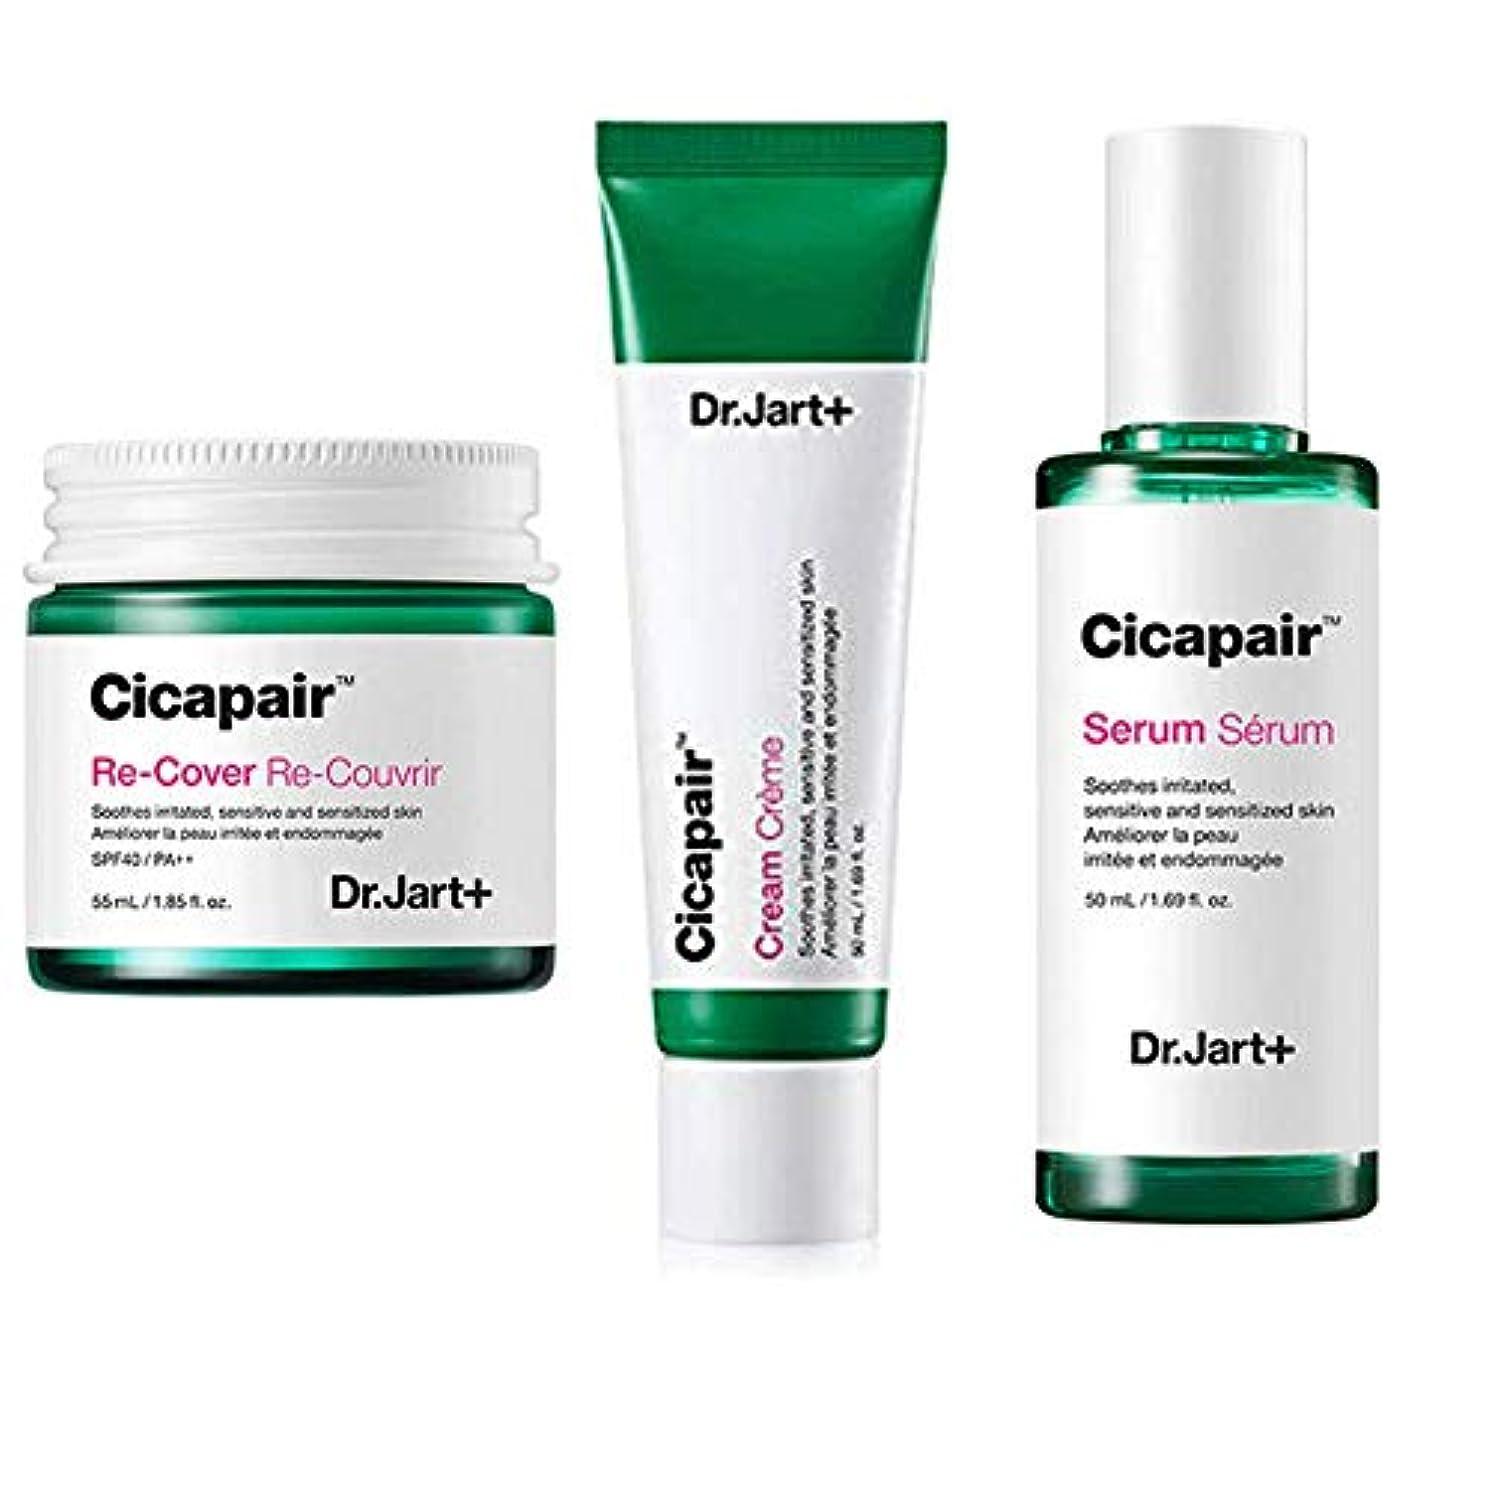 Dr.Jart+ Cicapair Cream + ReCover + Serum ドクタージャルトシカペアクリーム50ml + リカバー 55ml + セラム 50ml(2代目) セット [並行輸入品]